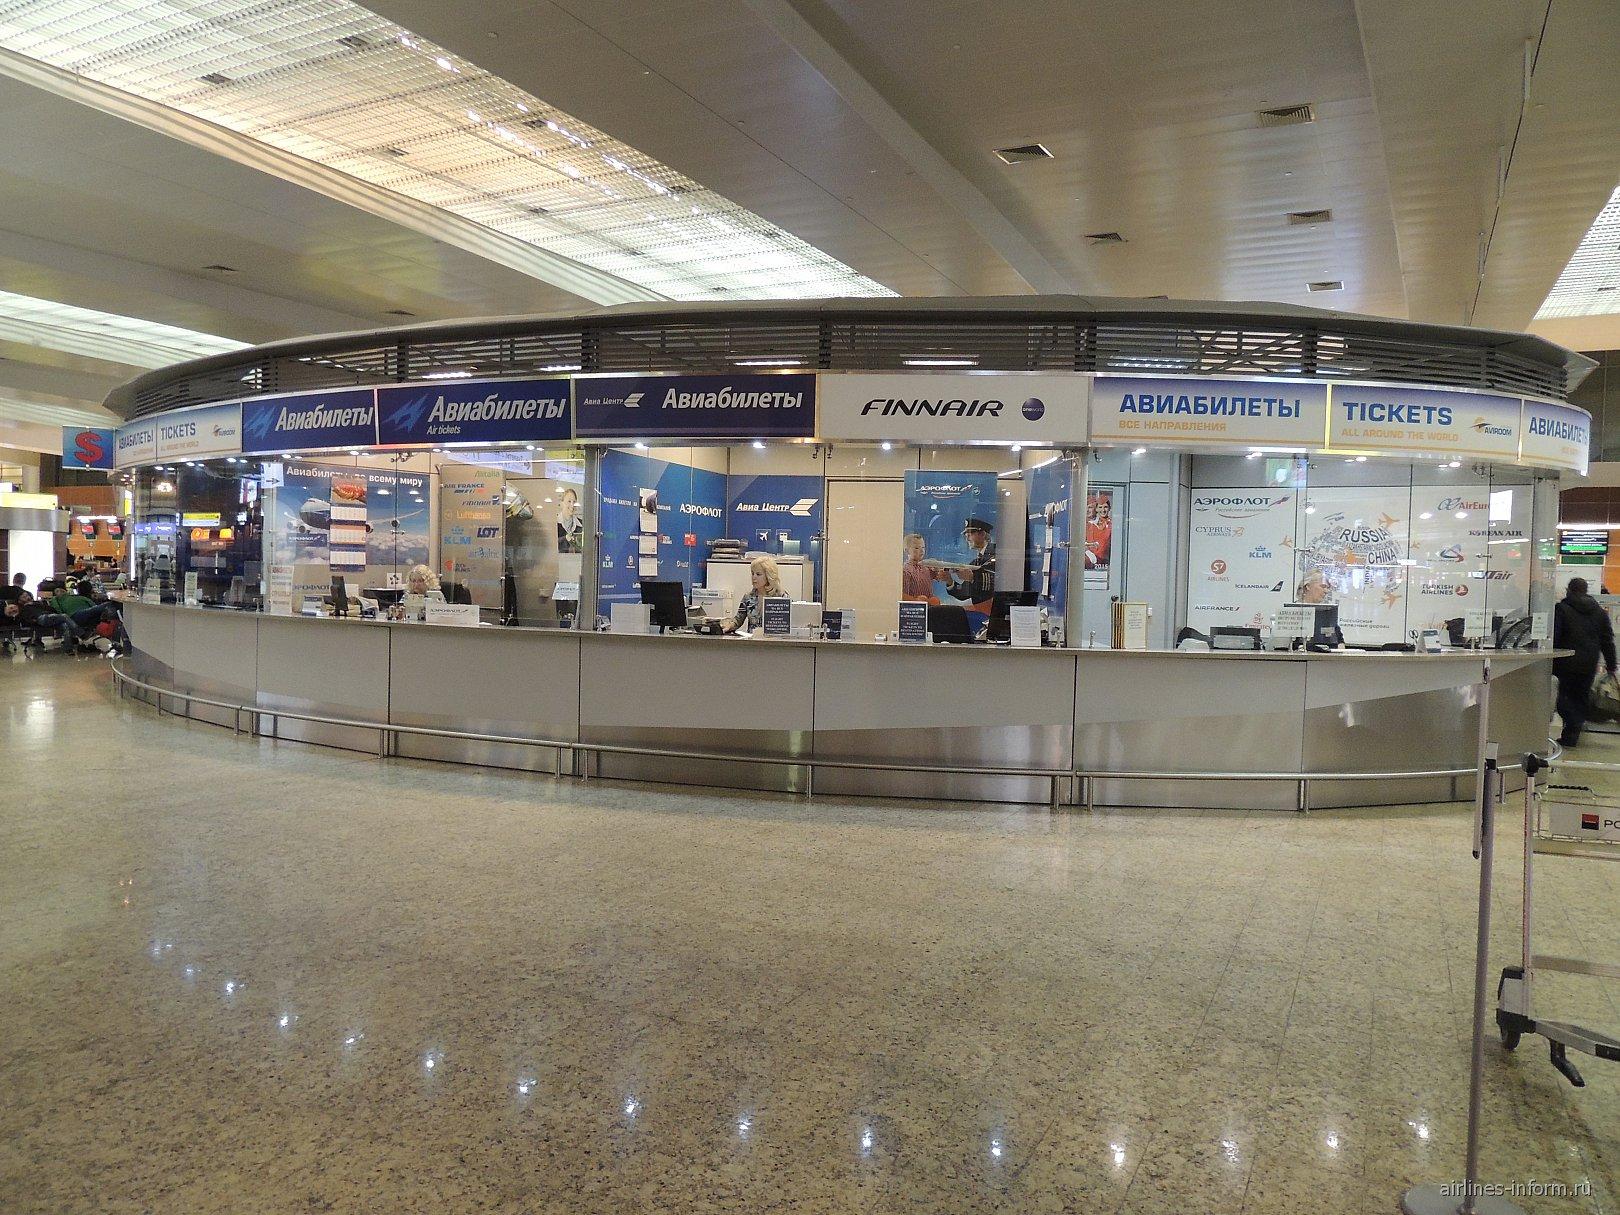 Авиакассы в терминале D аэропорта Москва Шереметьево